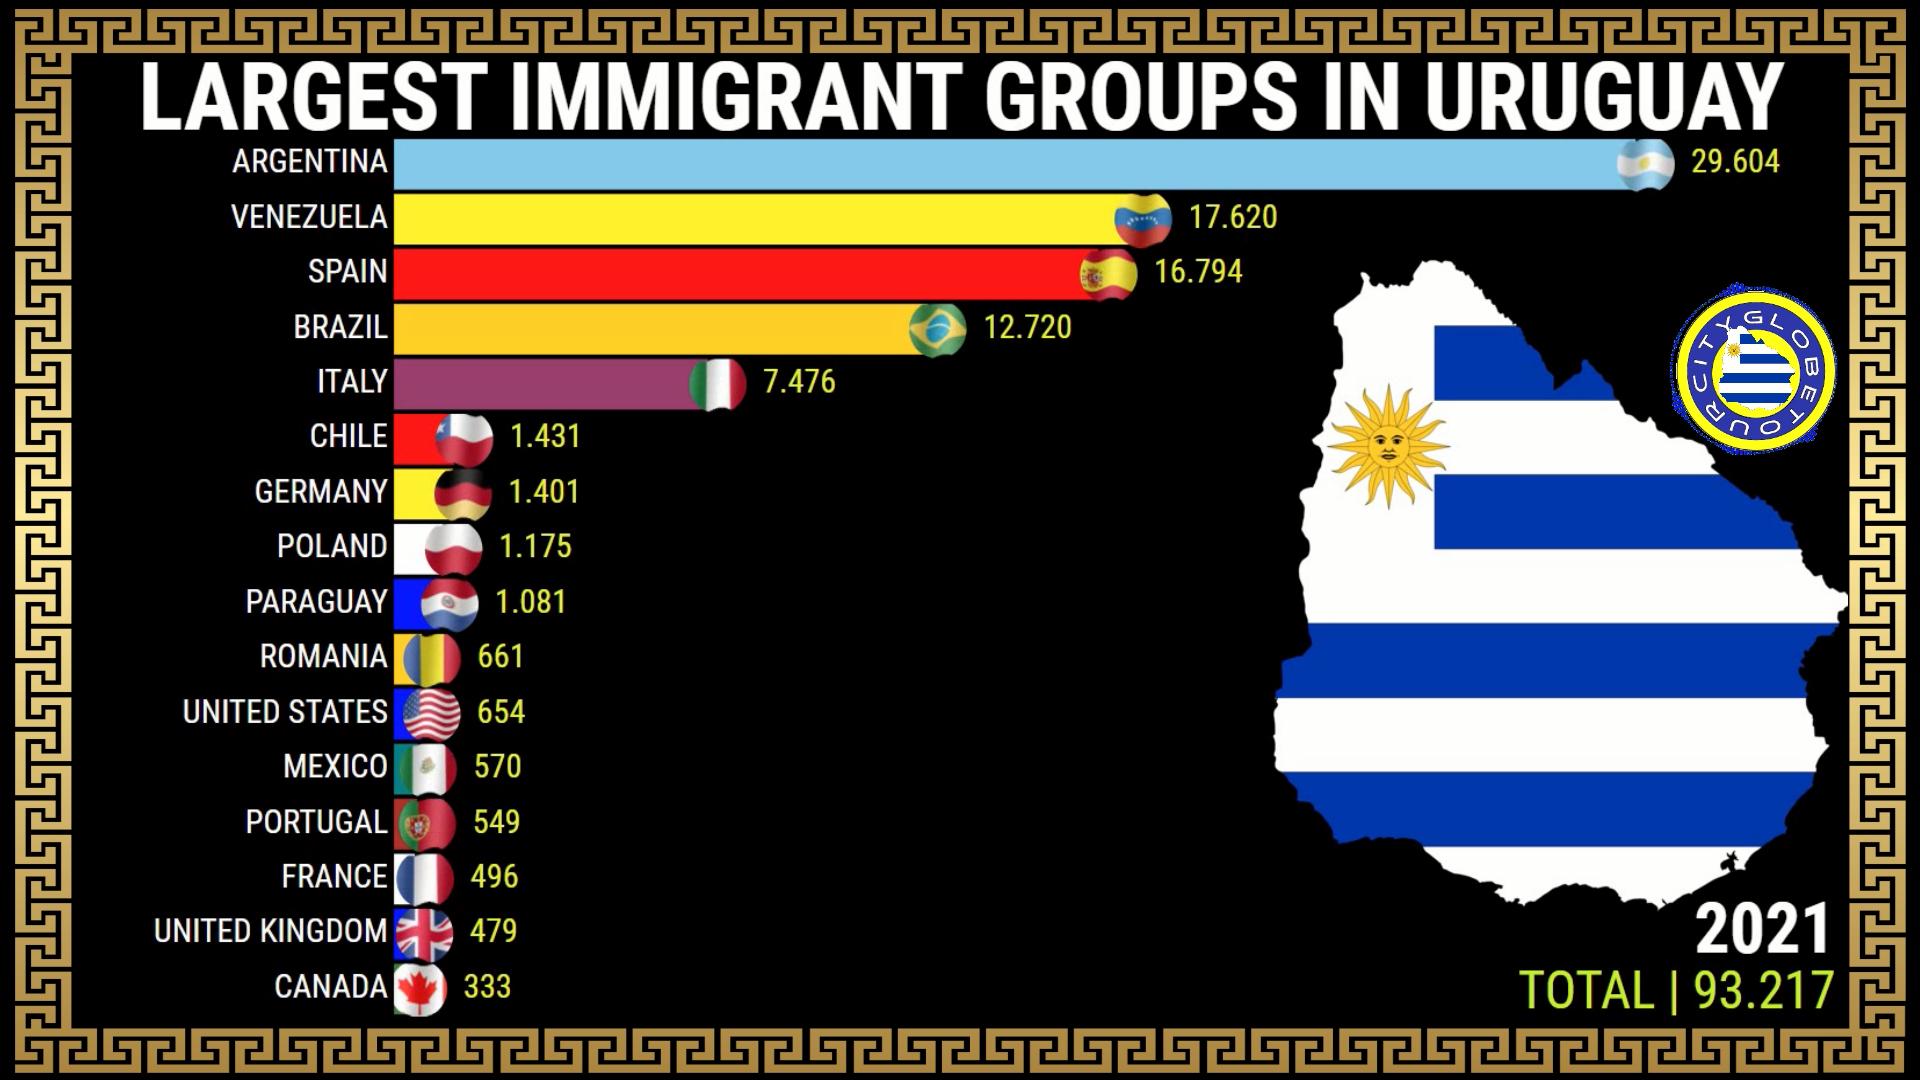 Maiores Grupos de IMIGRANTES no URUGUAI